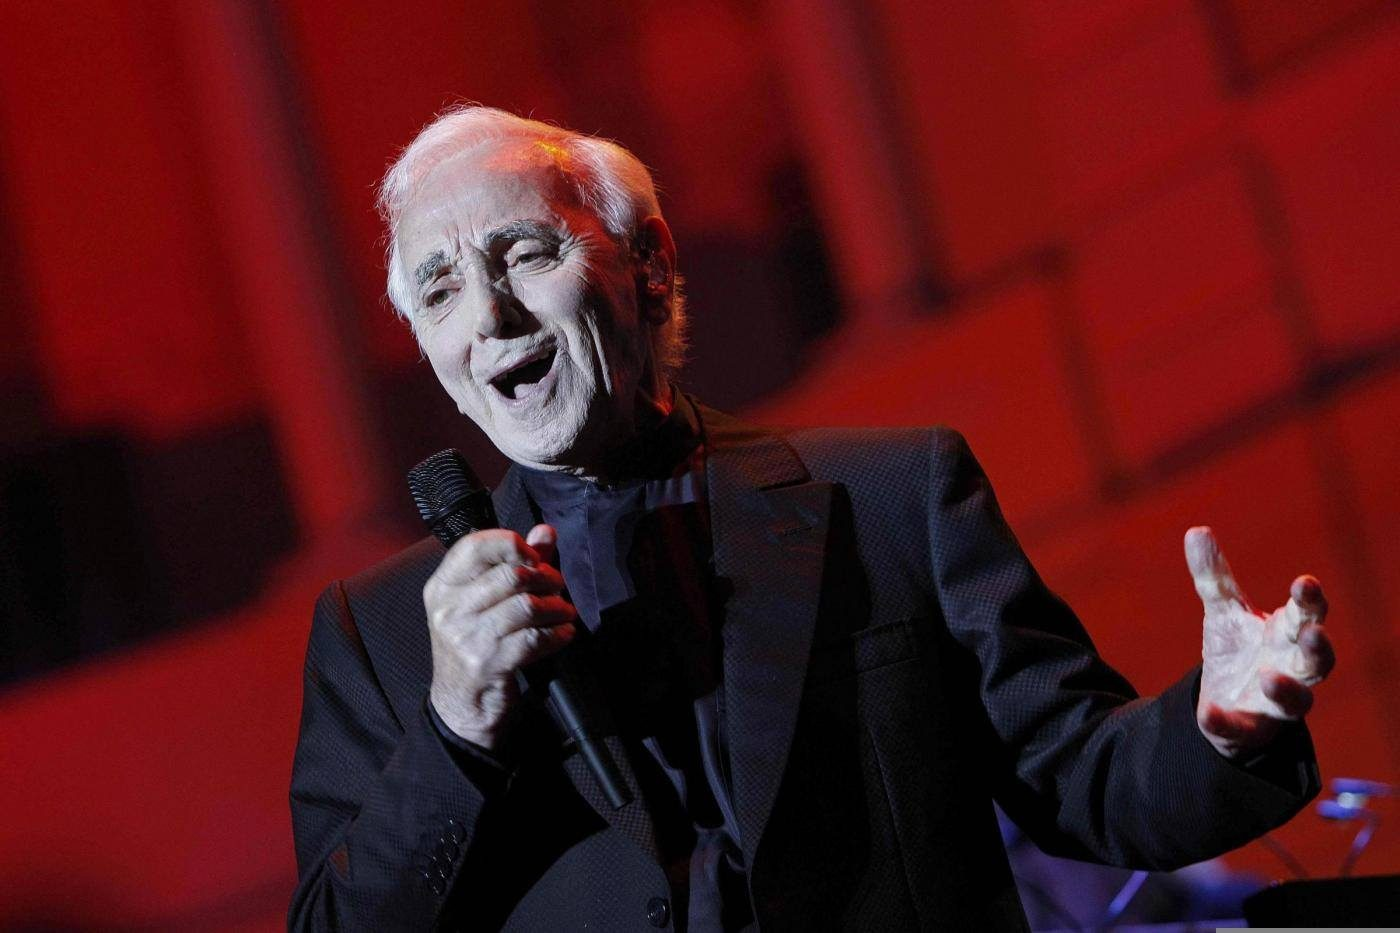 È morto Charles Aznavour, il cantante francese aveva 94 anni